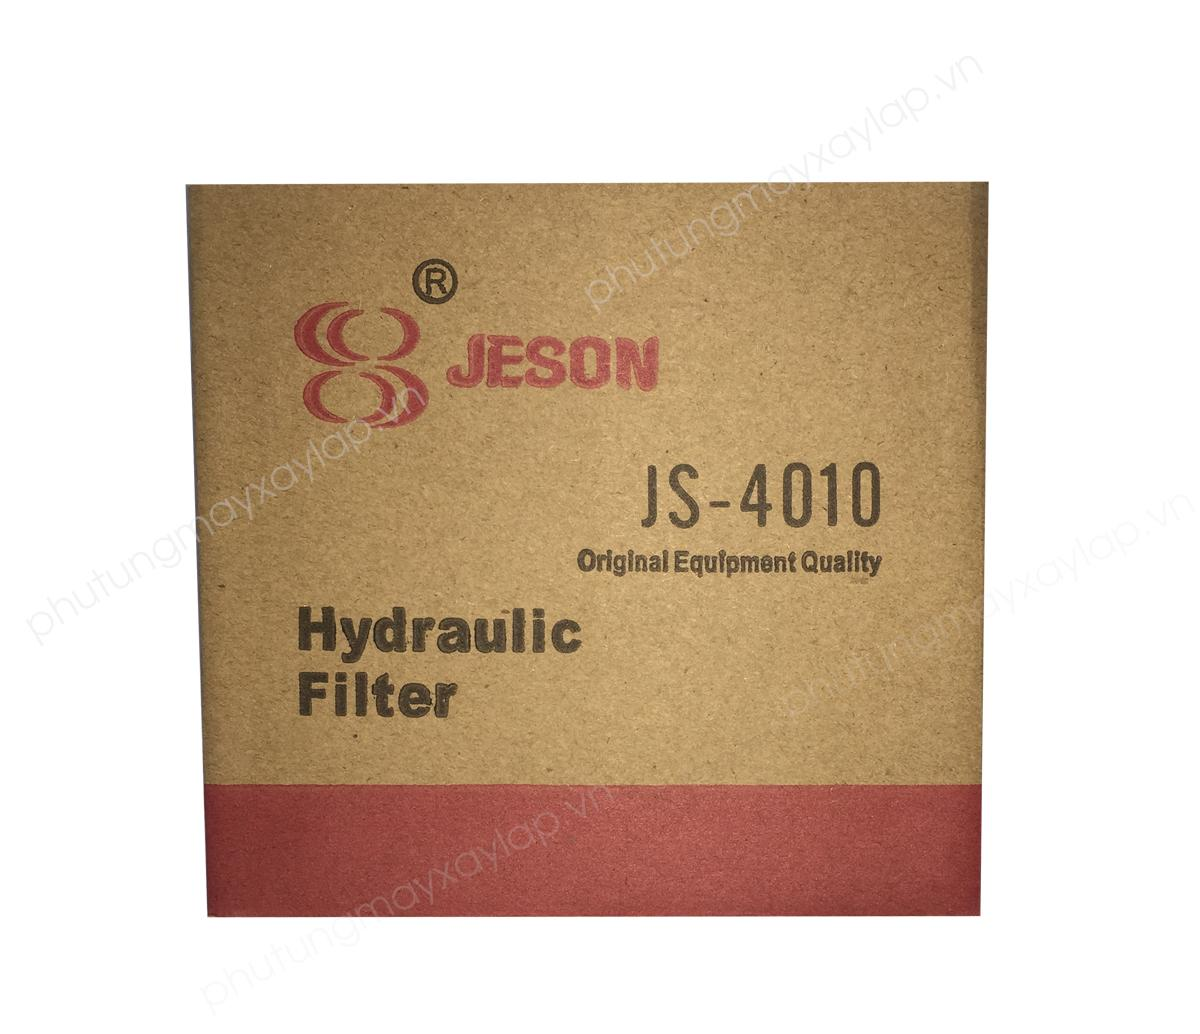 Lọc thủy lực JS4010-H2706